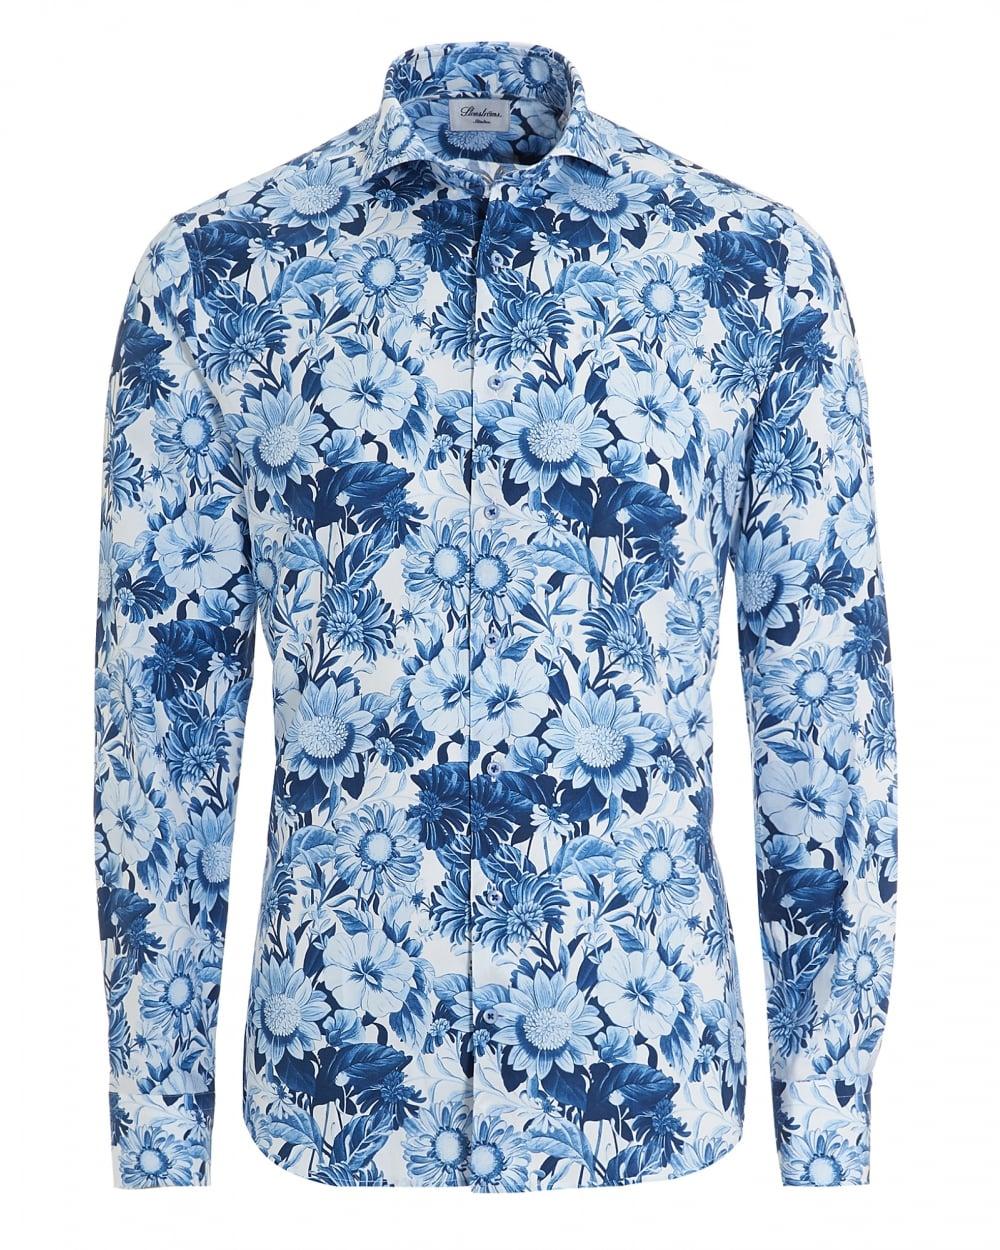 Stenstr ms mens large flower print slimline white blue shirt for Flower print mens shirt